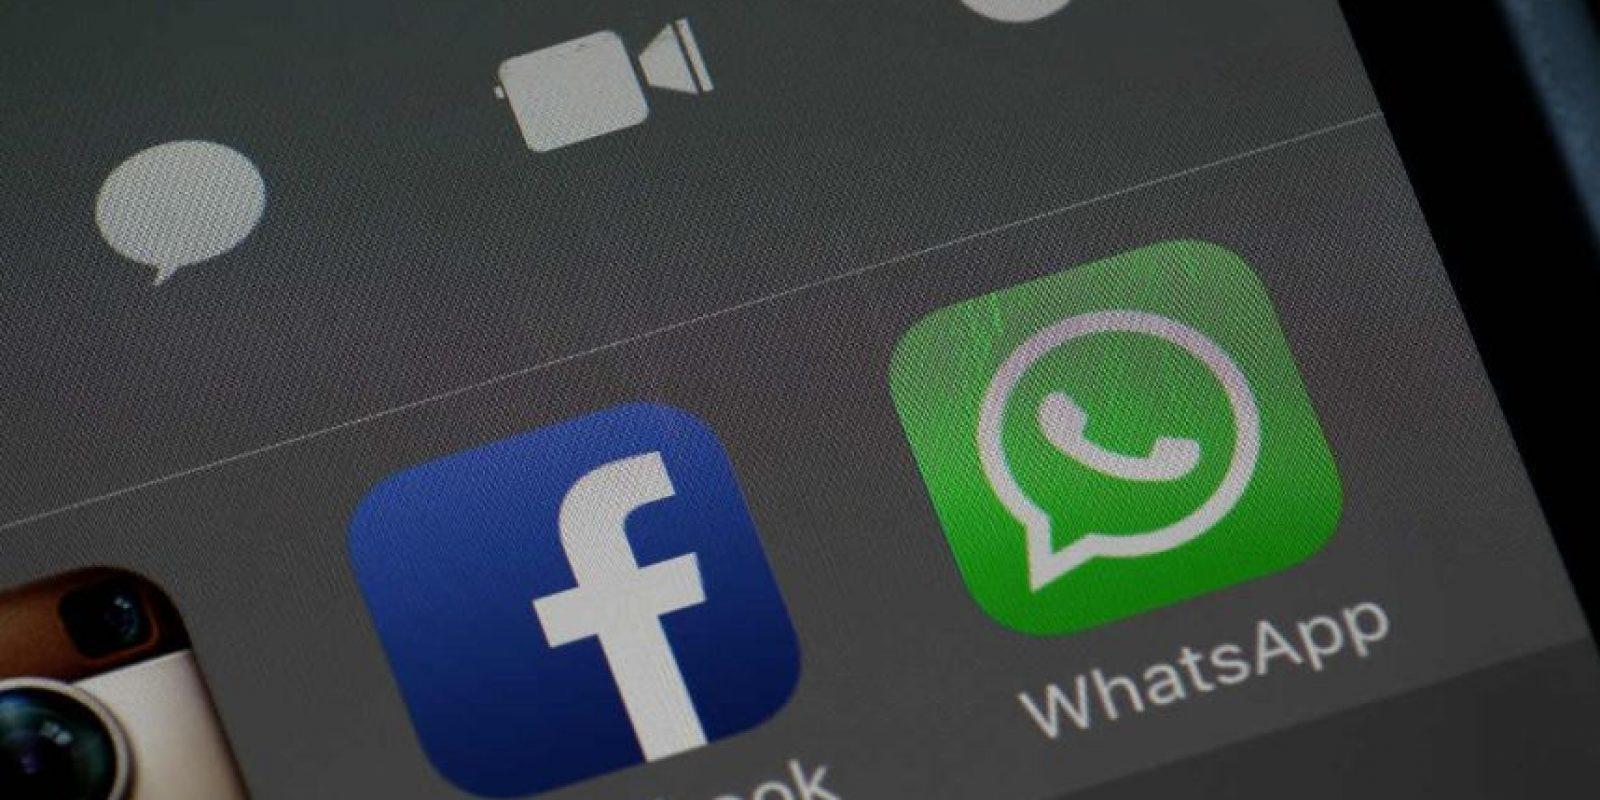 Todo el mundo suele enviar imágenes o videos por WhatsApp. Foto:Getty Images